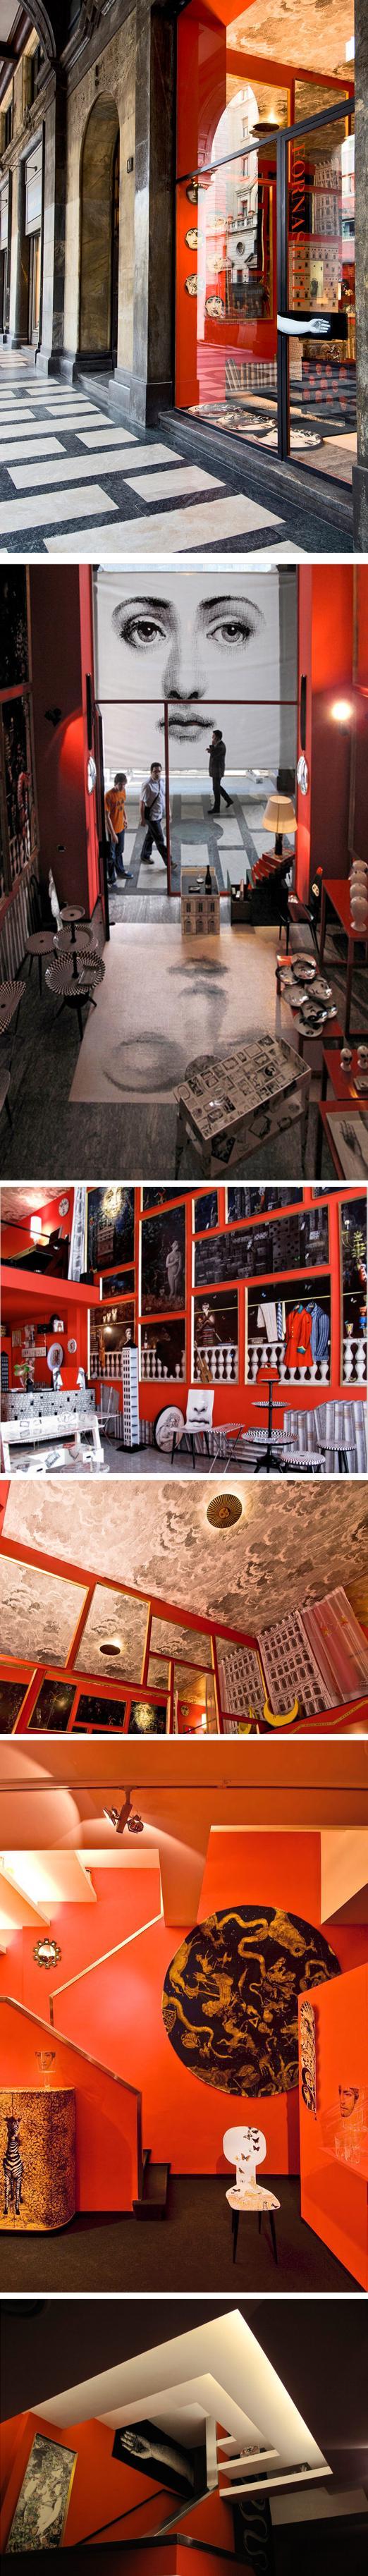 fornasetti boutique